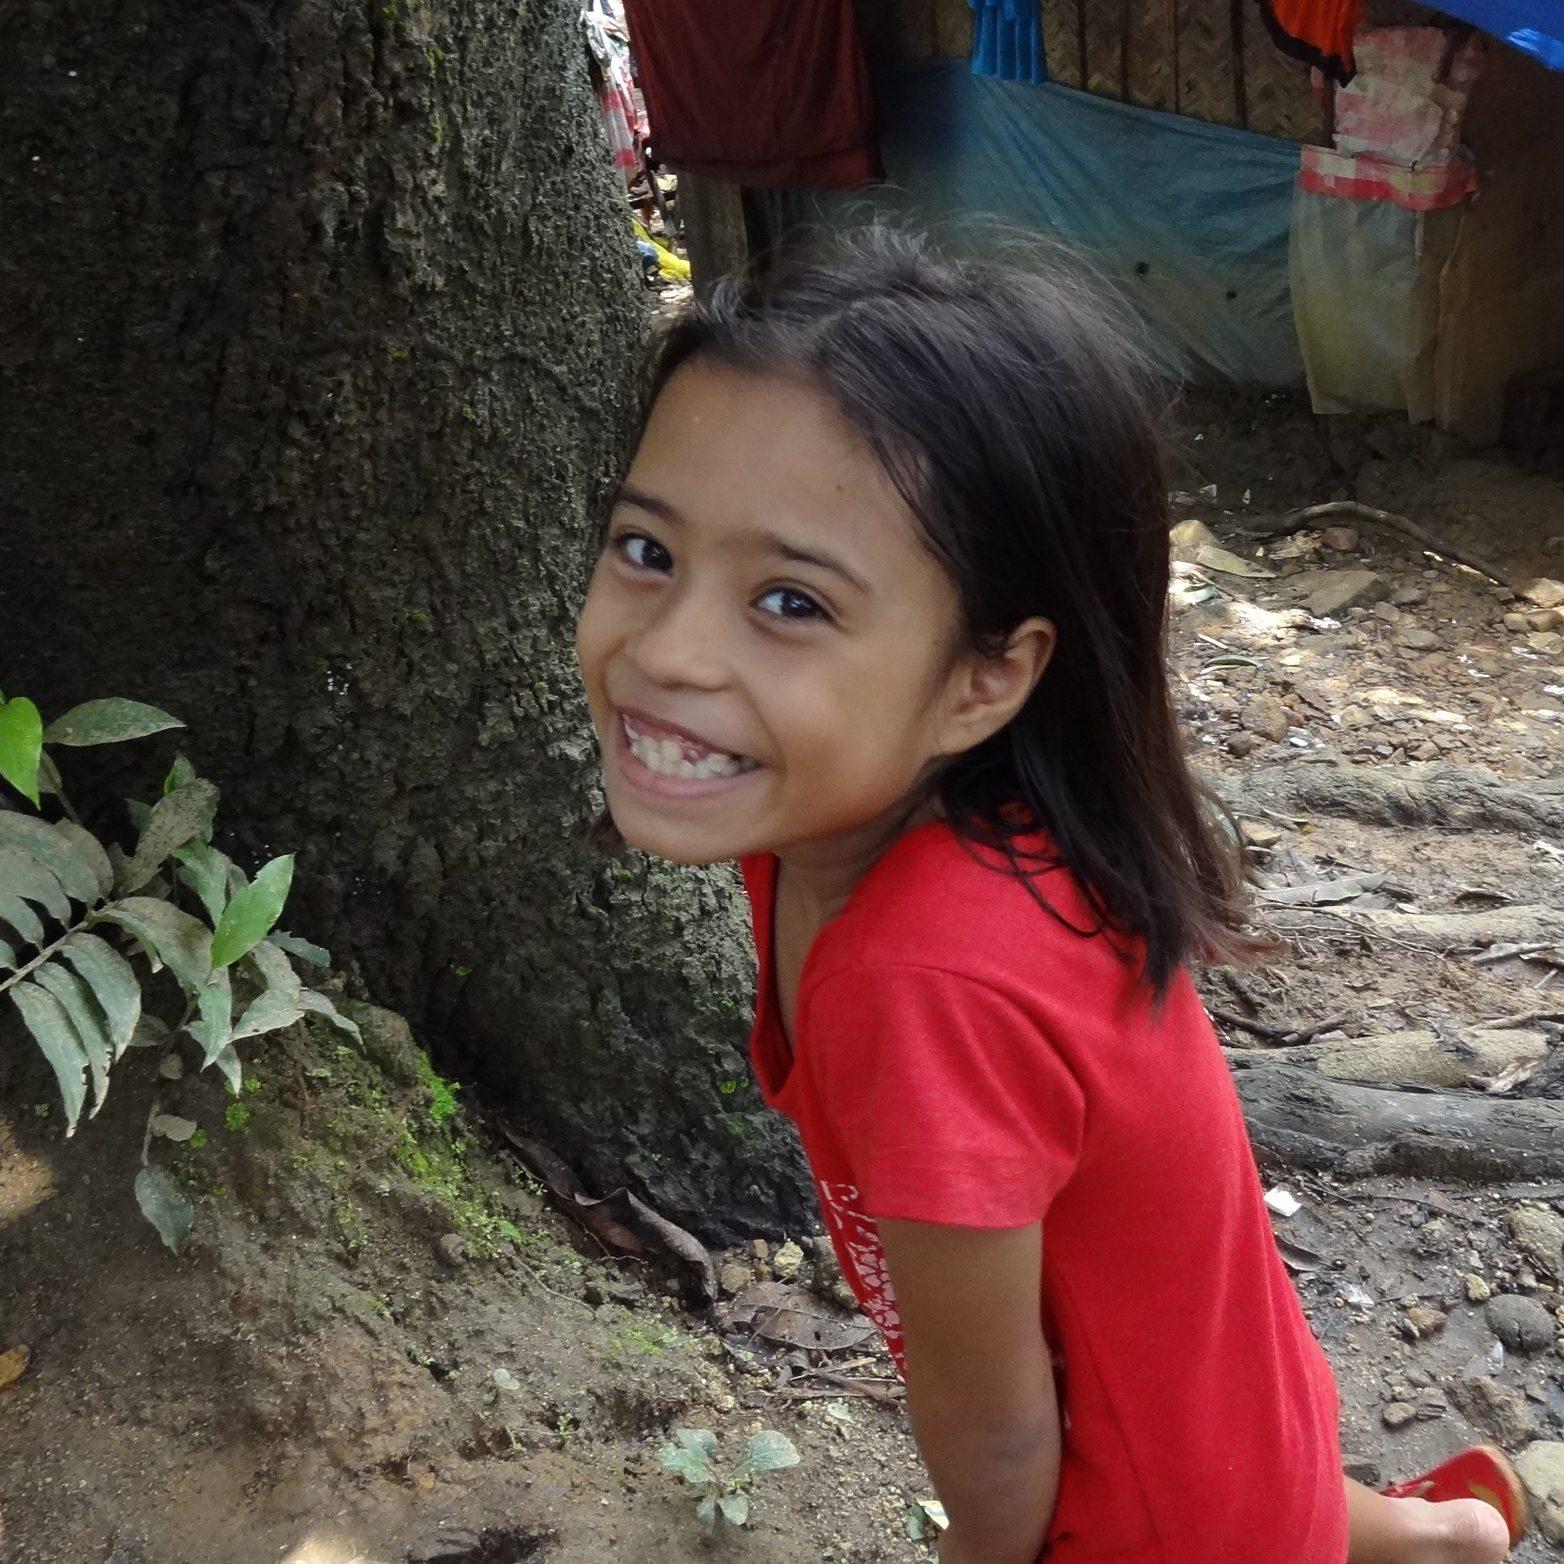 7/1(sat) 冨田江里子さん講演会『フィリピンの小さな産院から ~子どもたちの未来のために、今、私たちができること~』